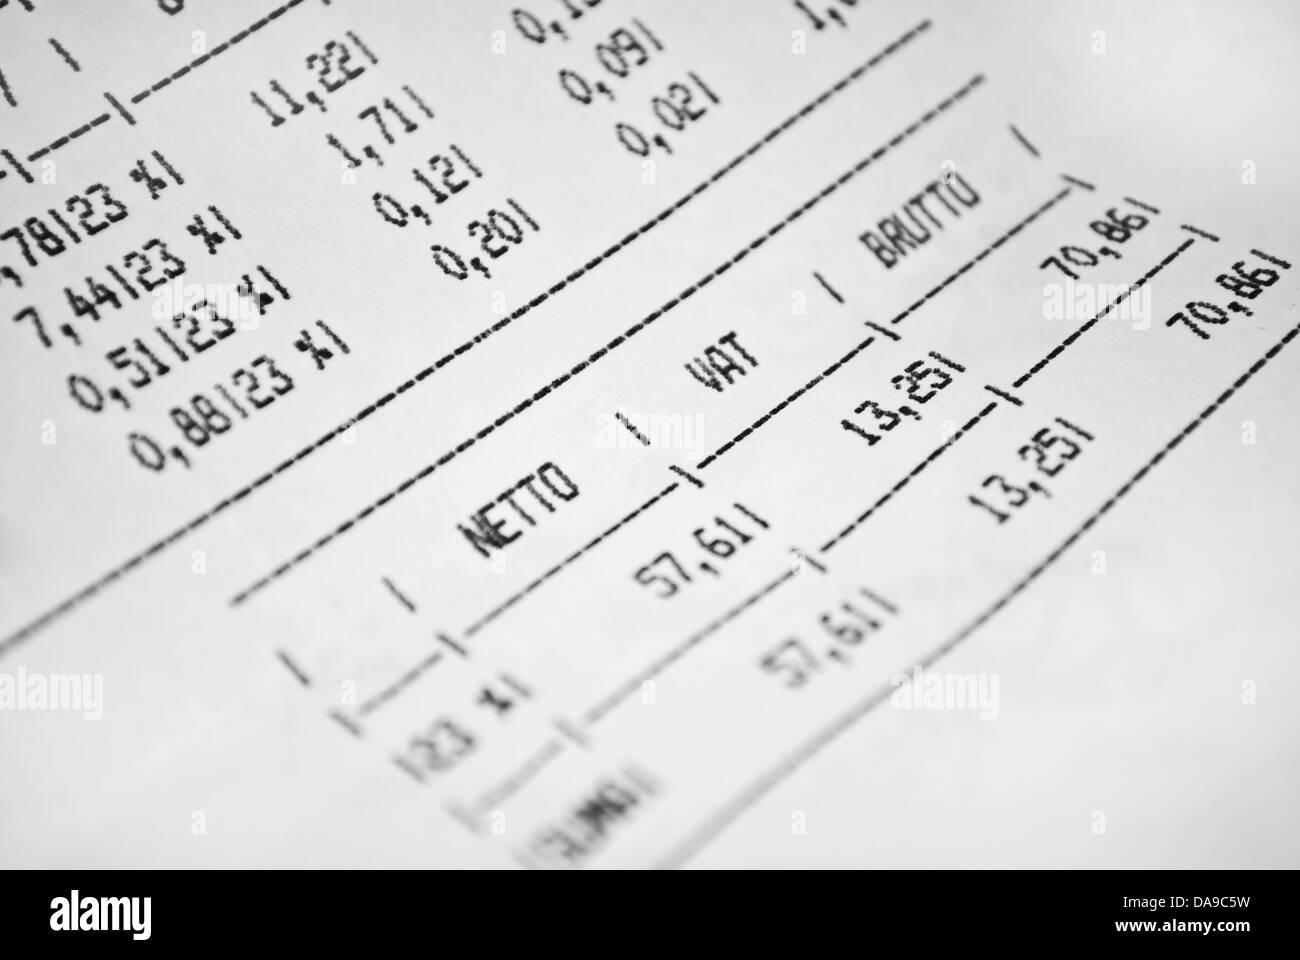 Rechnung Mappe Mit Brutto Und Netto Preise Und Mehrwertsteuer